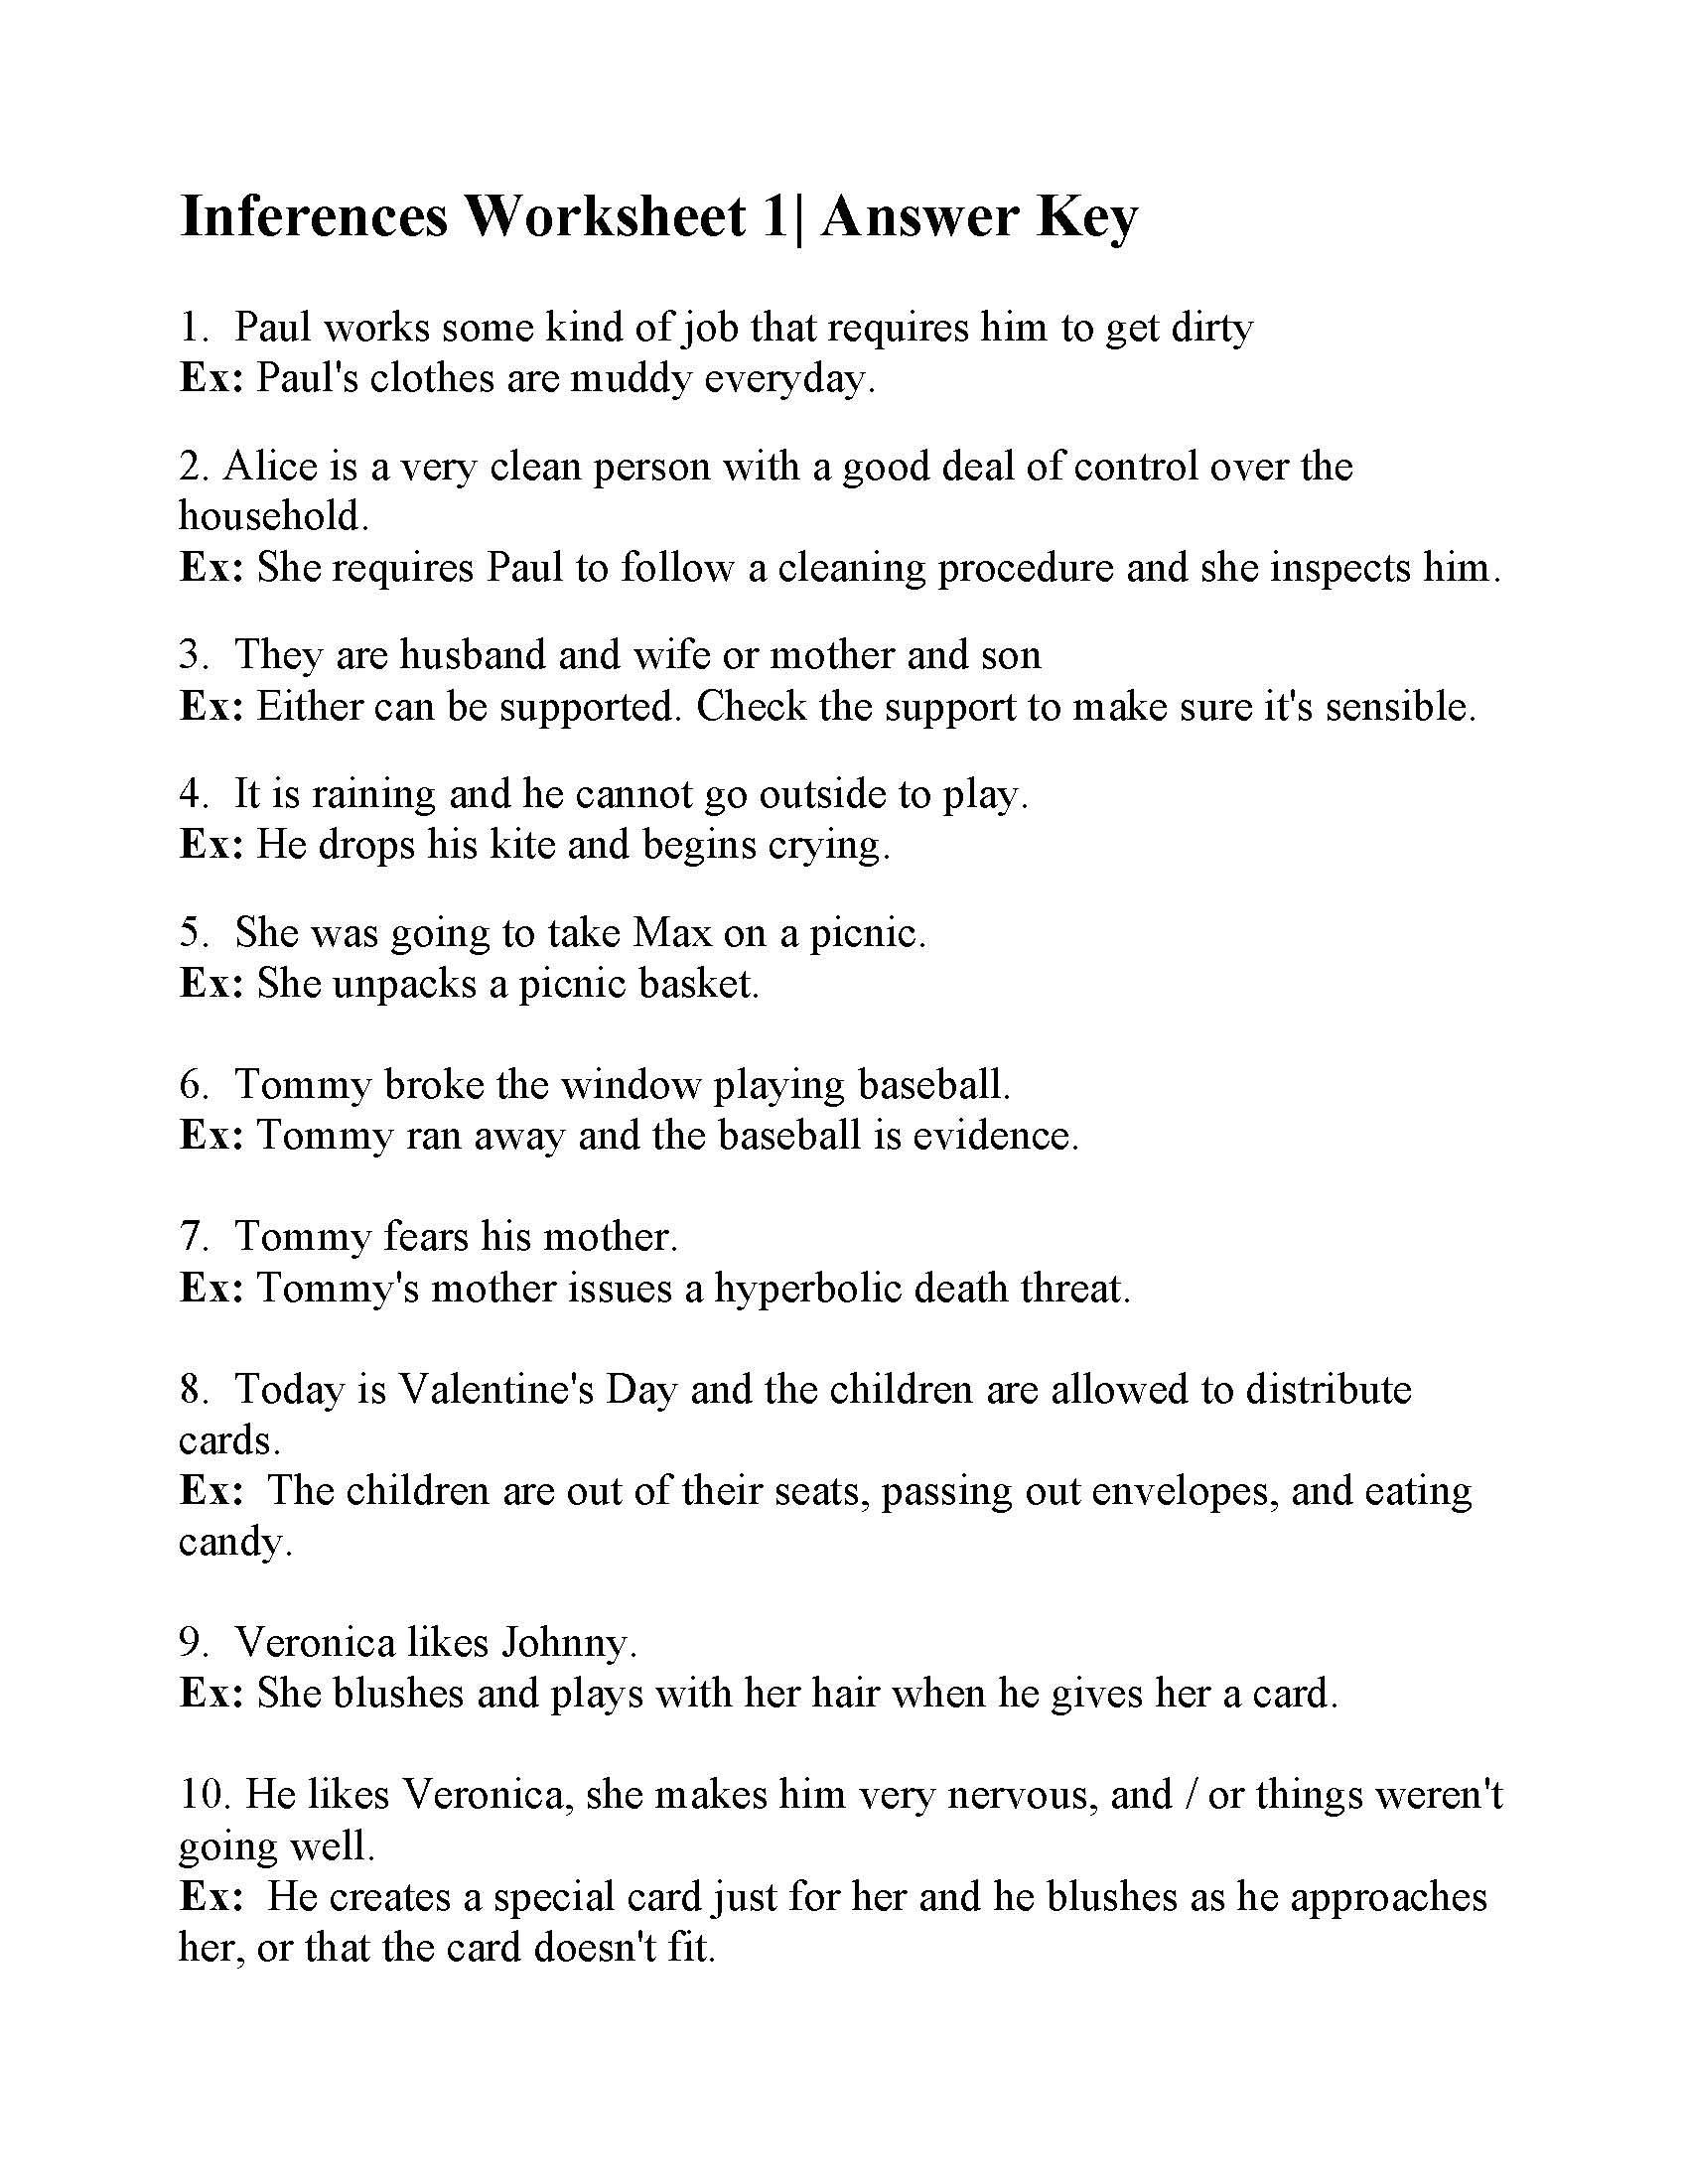 Making Inferences Worksheet 4th Grade Inferences Worksheet 1